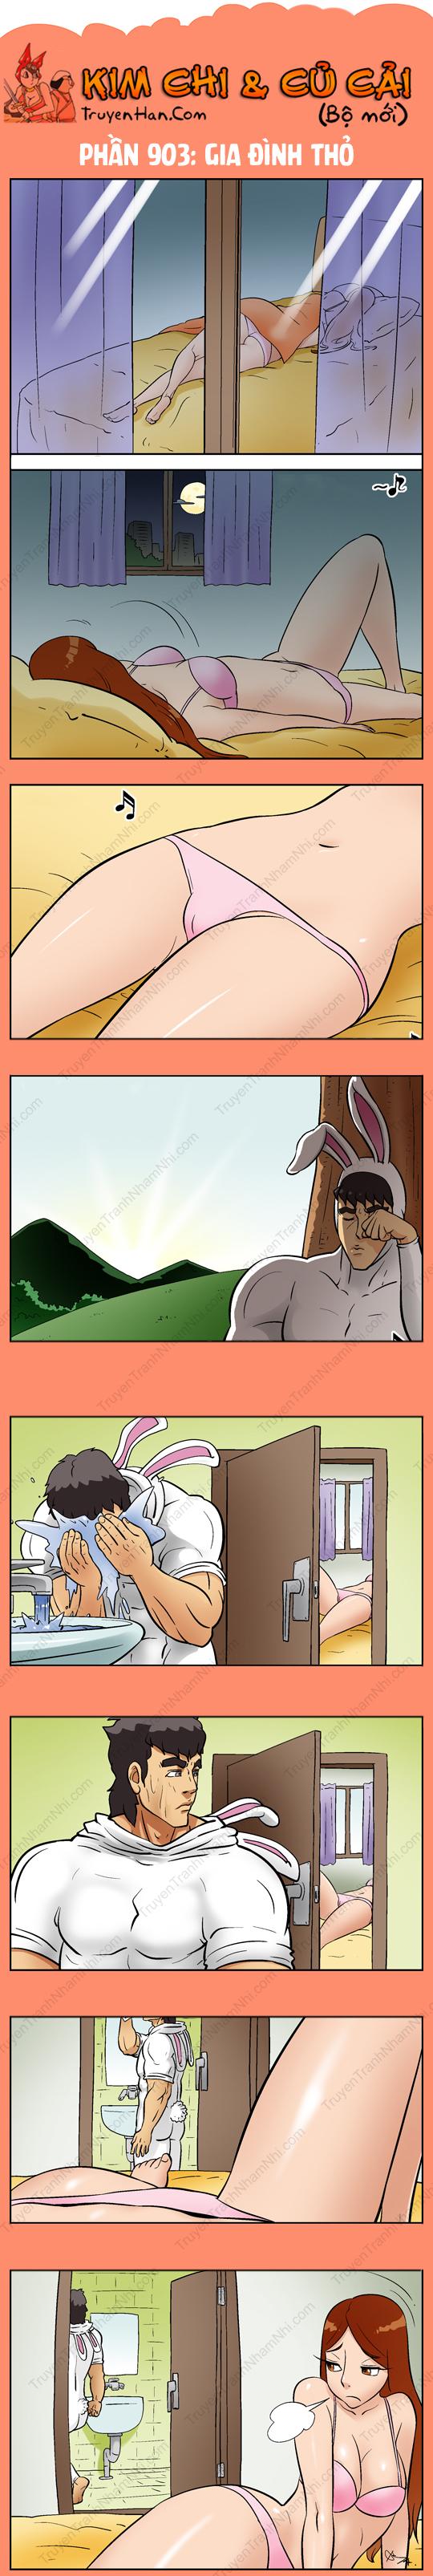 Kim Chi Và Củ Cải Phần 903: Gia đình thỏ